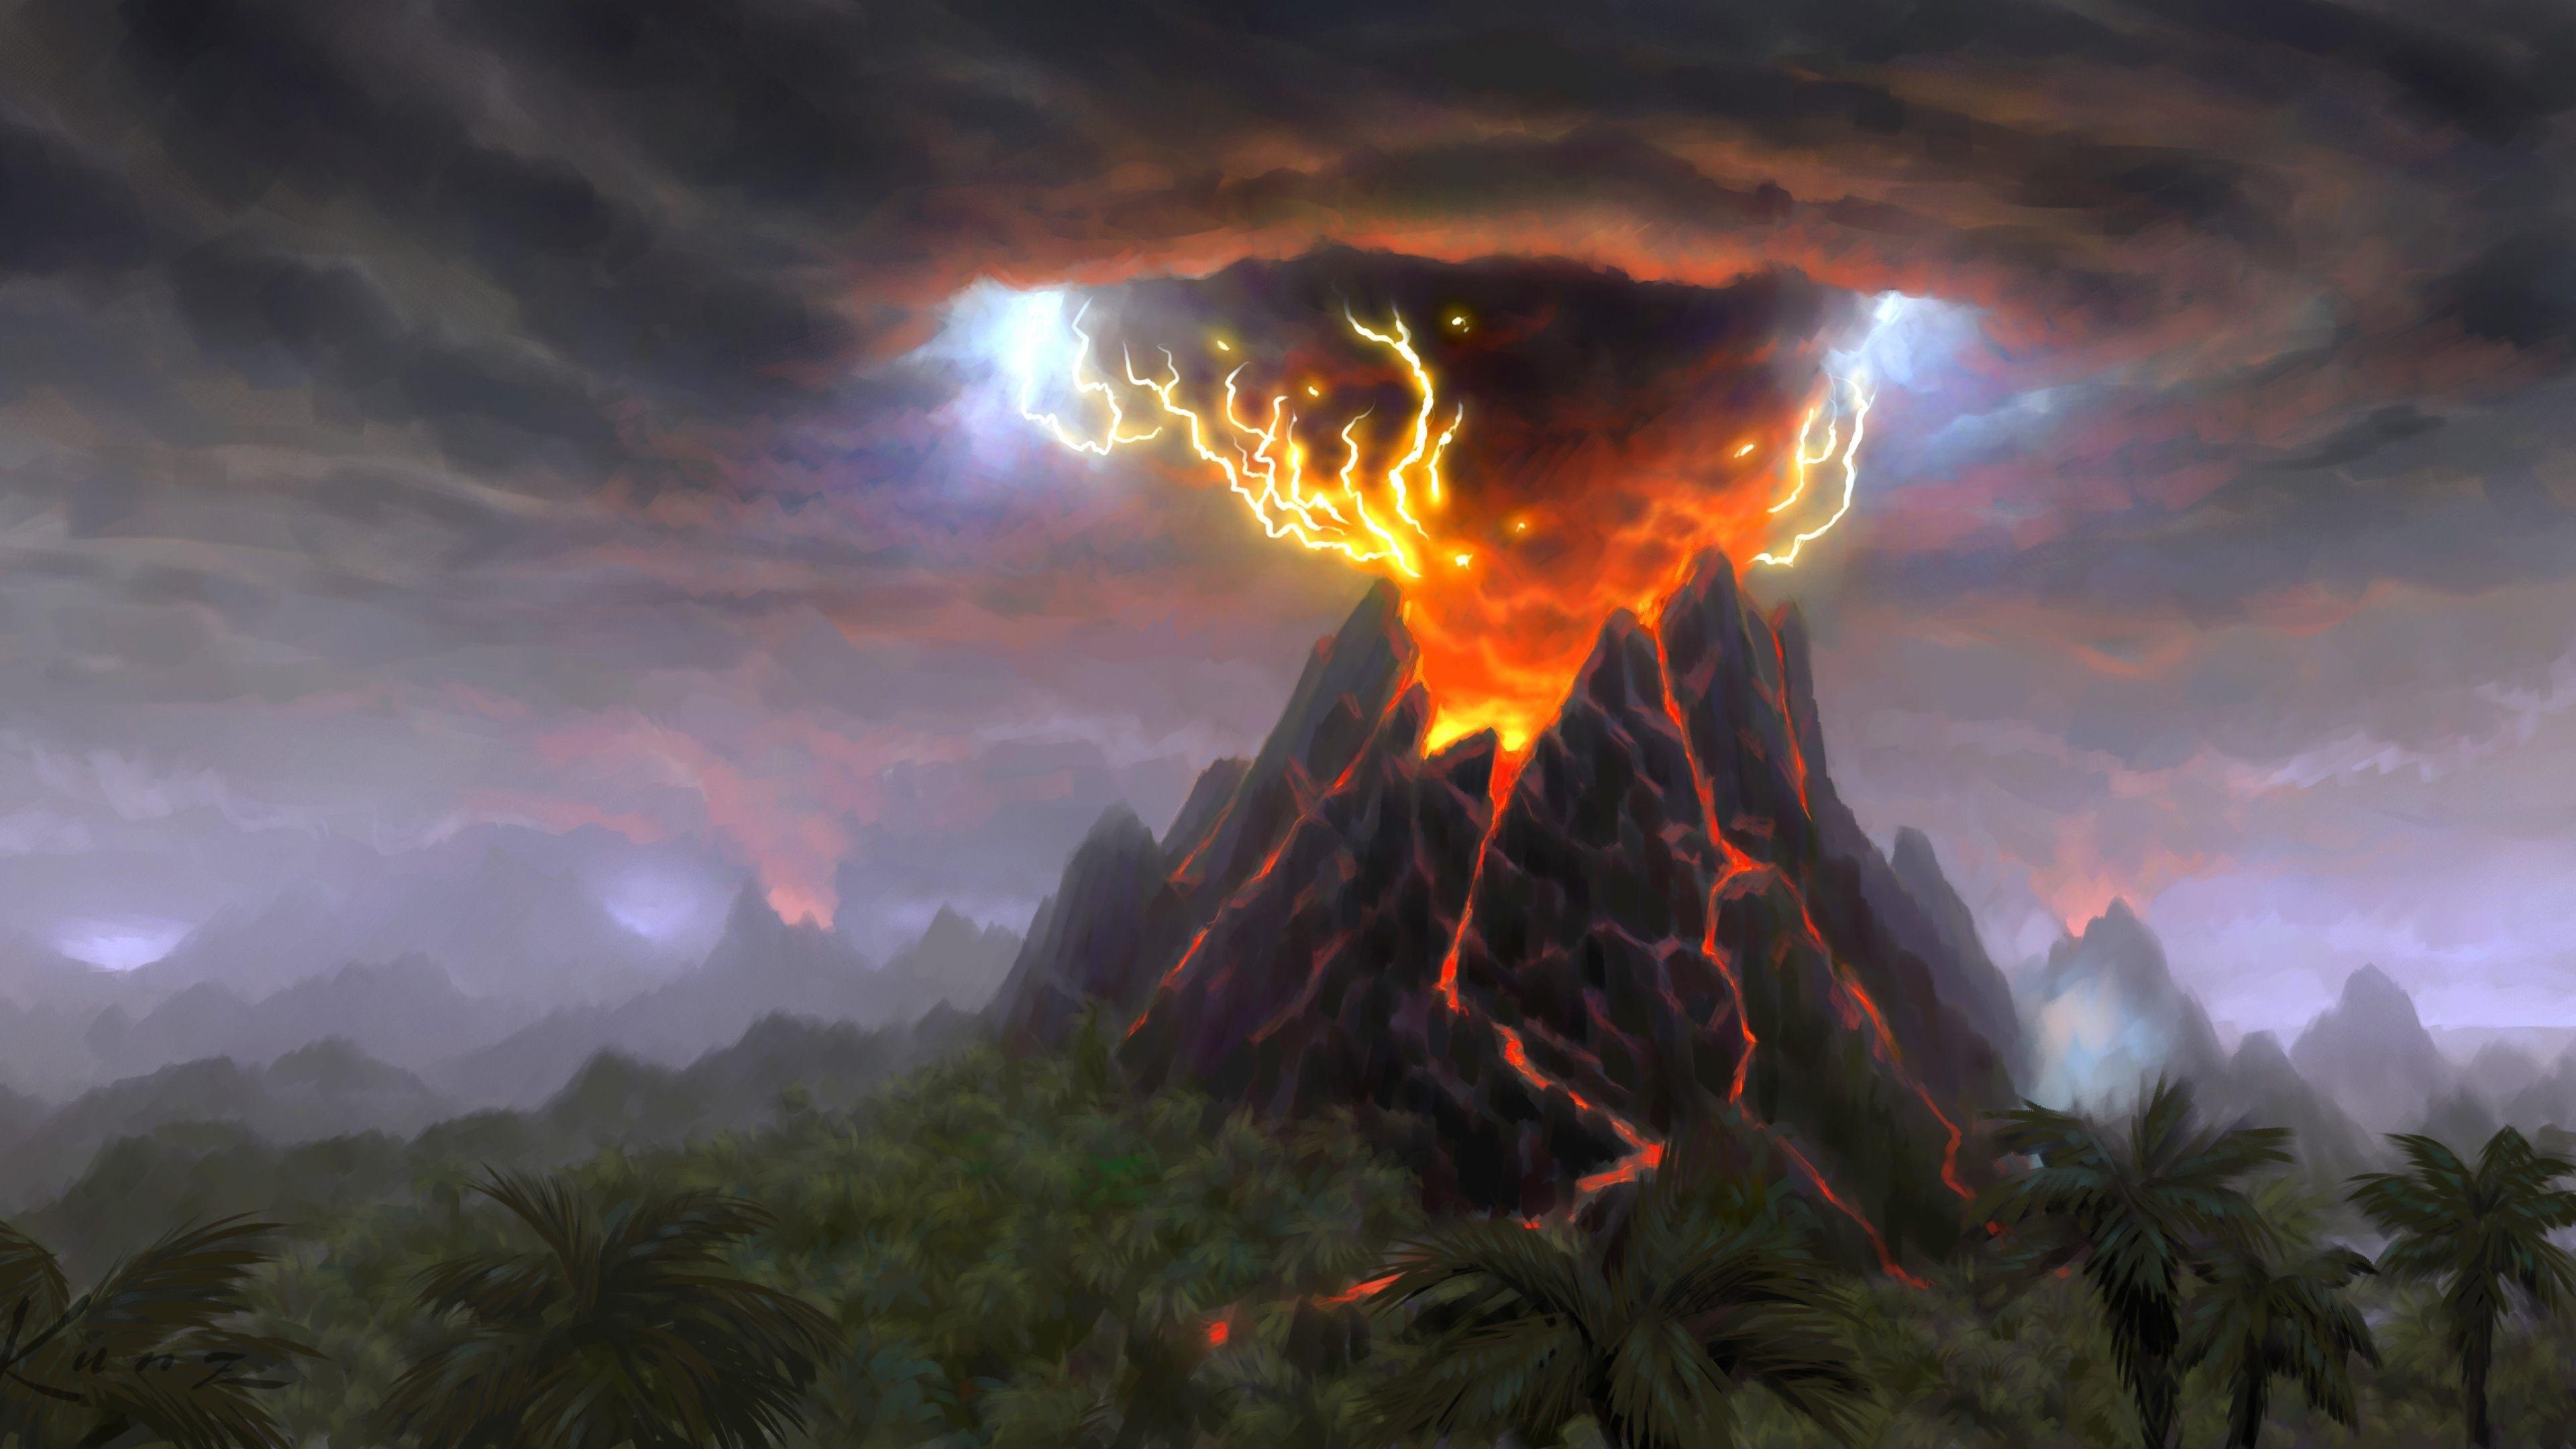 World Of Warcraft Cataclysm 4k Ultra Hd Wallpaper World Of Warcraft Cataclysm Art World Volcano